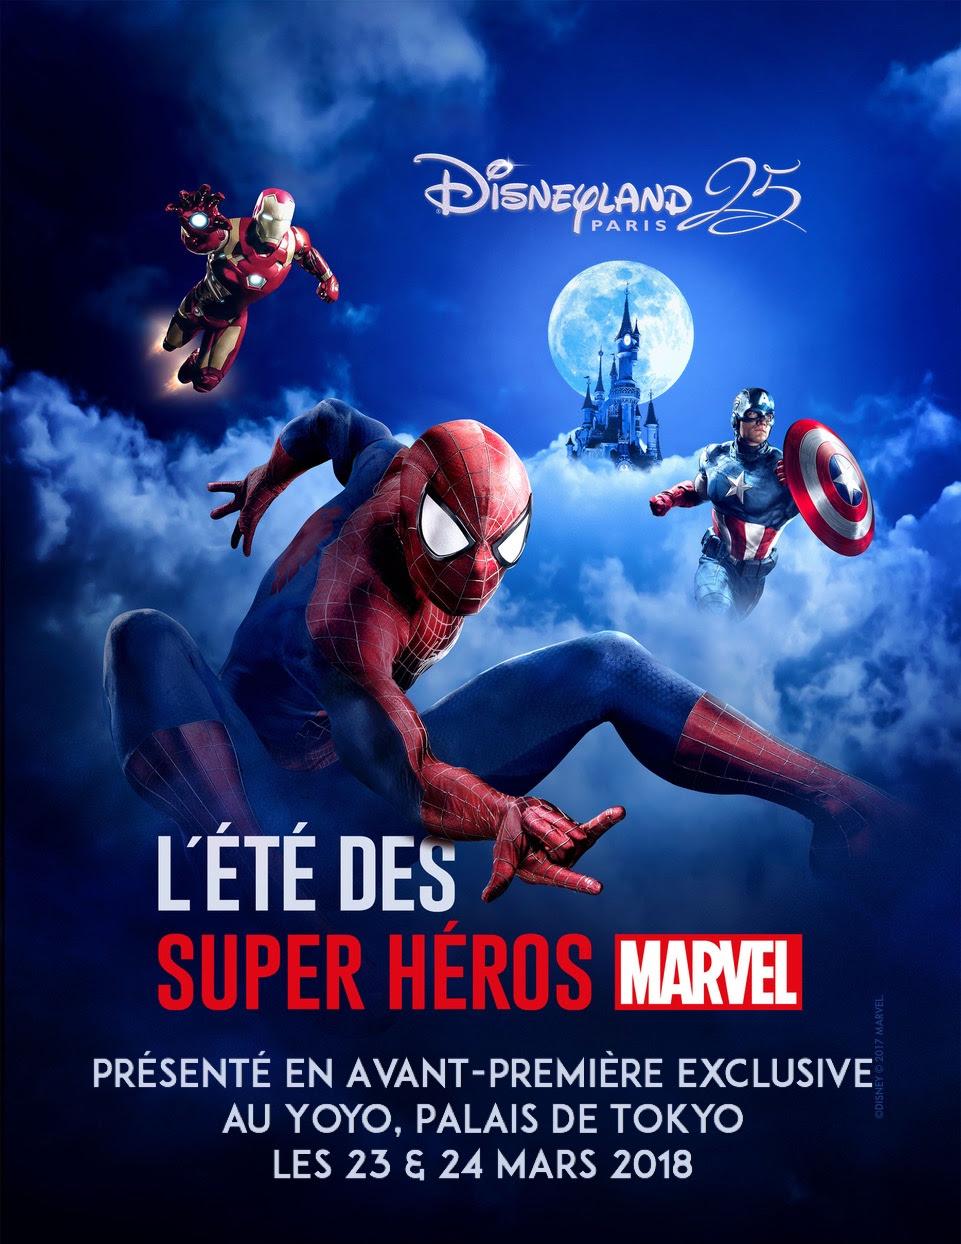 L'Eté des Super Héros Marvel en avant-première exclusive au Yoyo